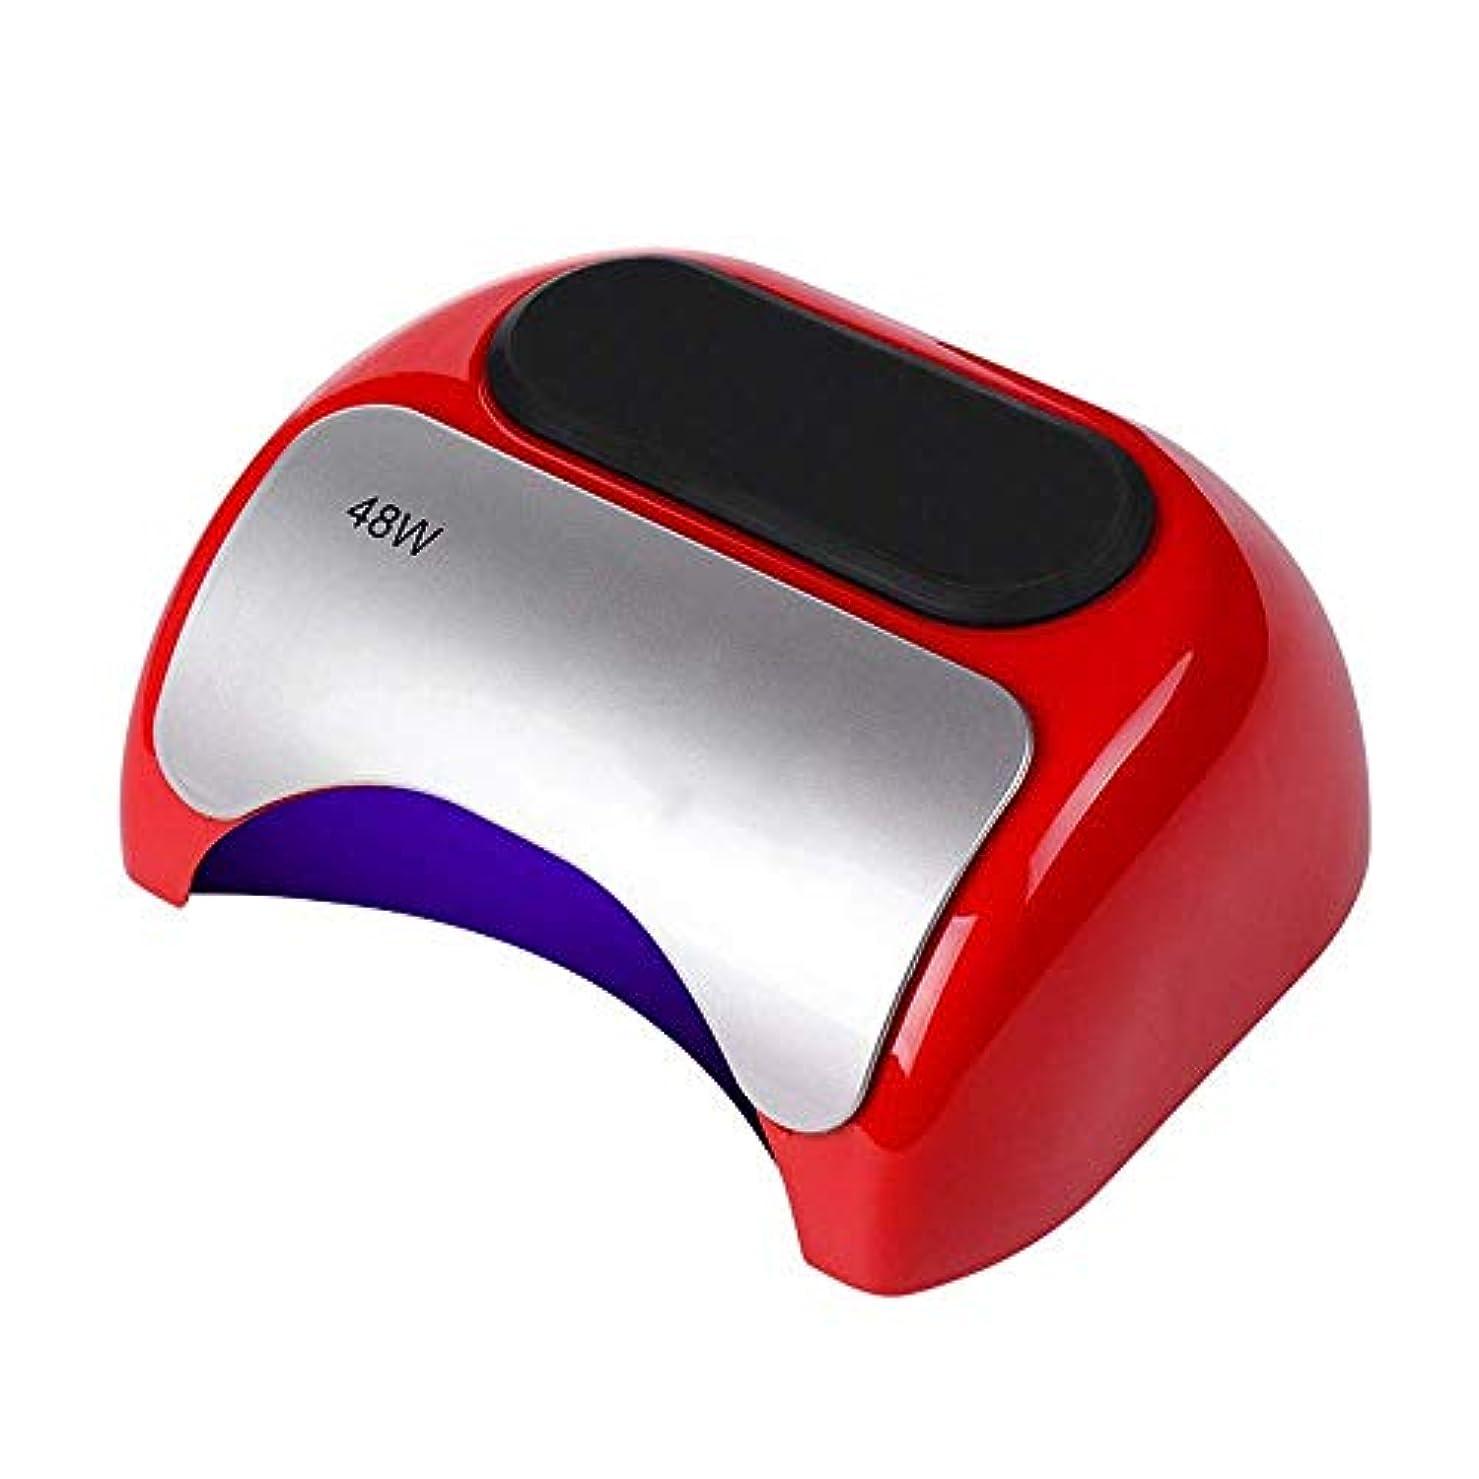 うがい電圧わがままDHINGM ネイルランプ、快適な非UVホワイトライト、目を傷つけることはありません、48W電源、15 UV + LEDデュアルLED光源、耐久性に優れたインテリジェントな自動センシングは、爪を傷つけることはありません